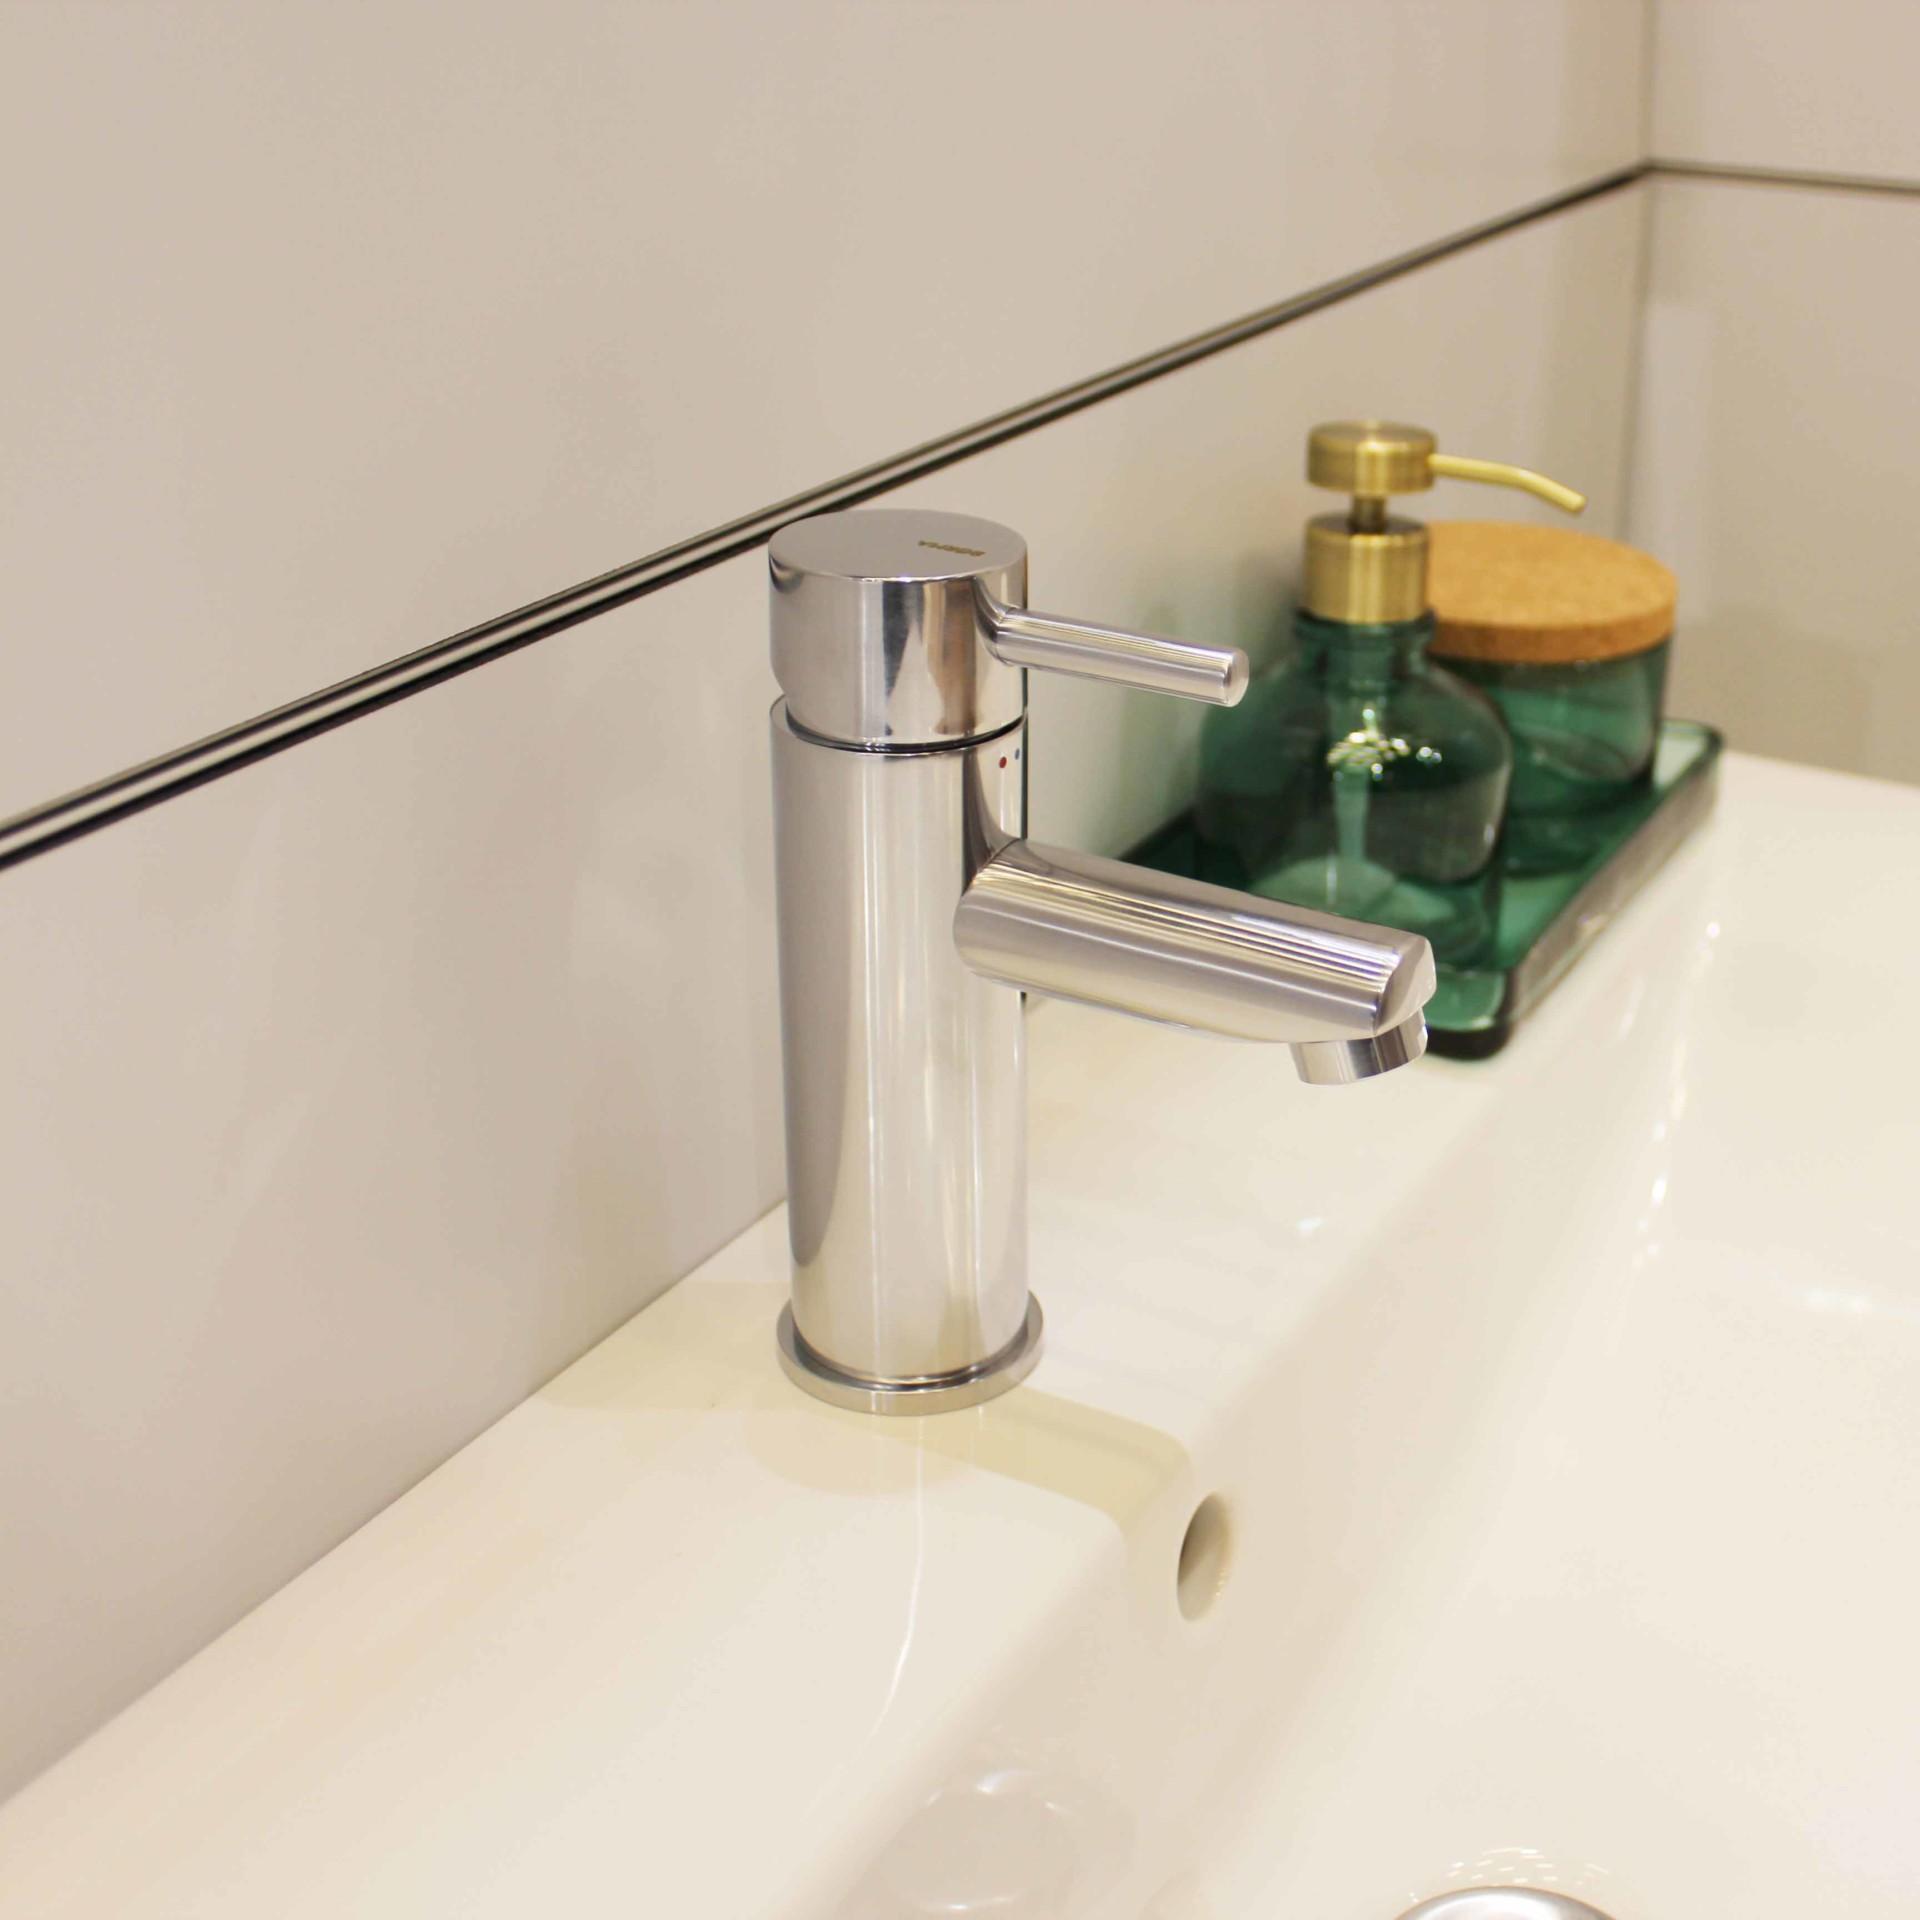 Vangvedvængets VVS vandhane børma